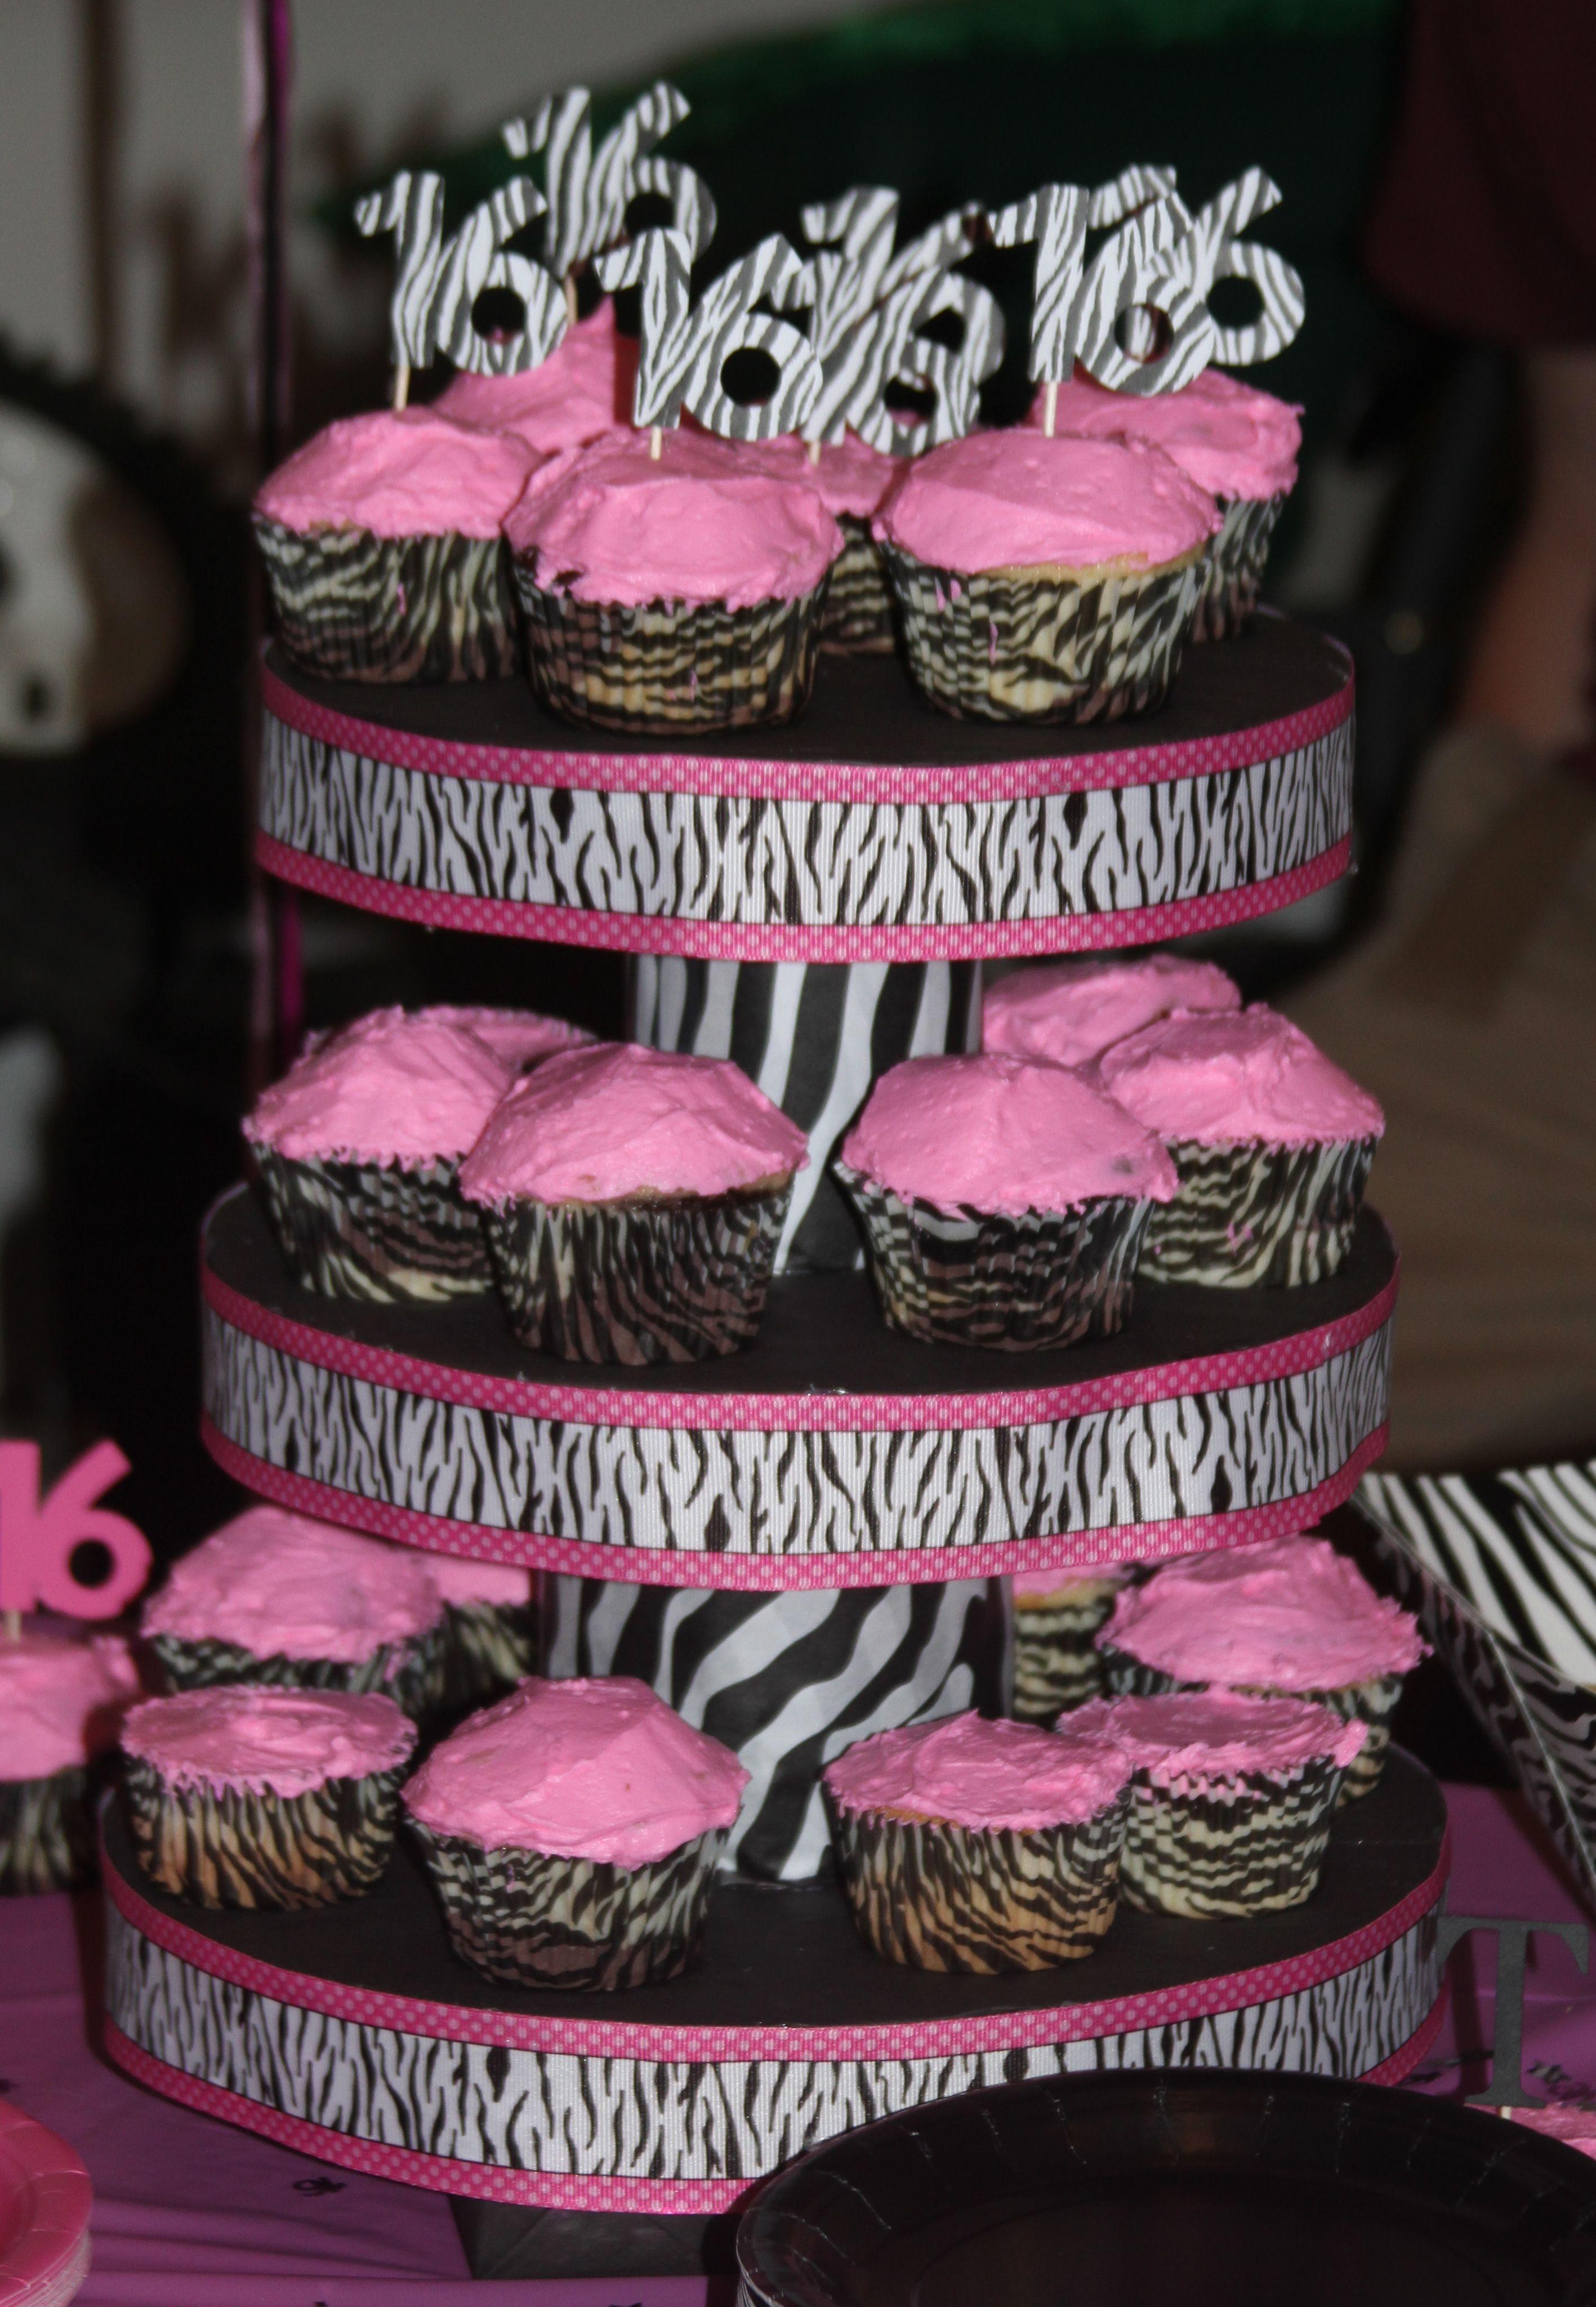 Cupcake stand diy under 7 holds 2 dzn 3 12x12